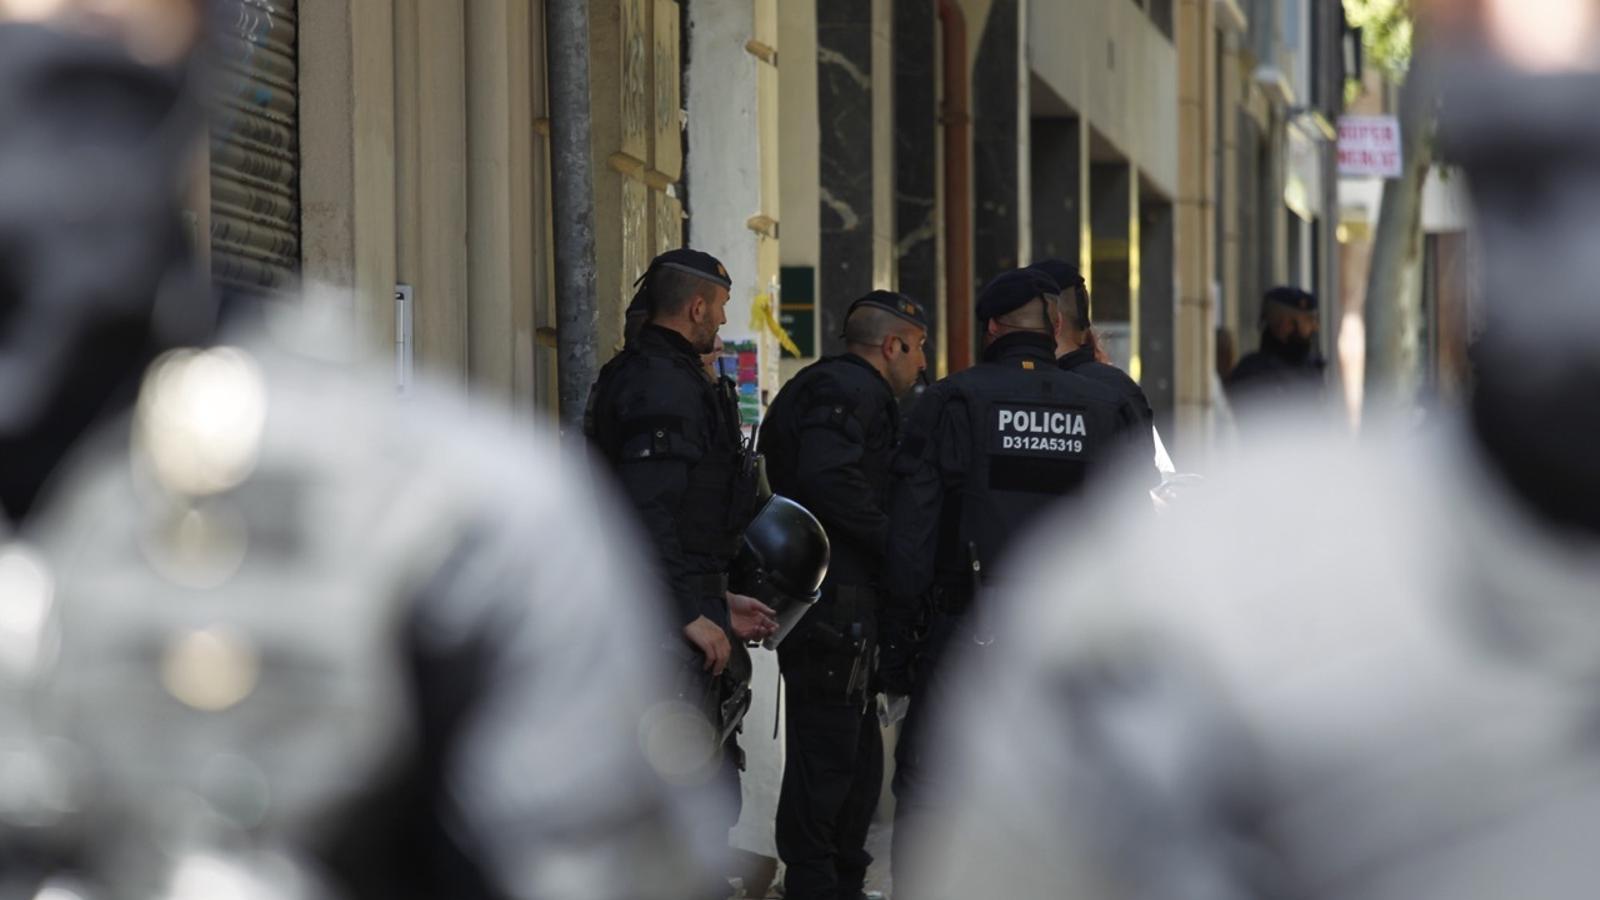 Els Mossos desallotgen una casa okupa al carrer Independència de Barcelona.